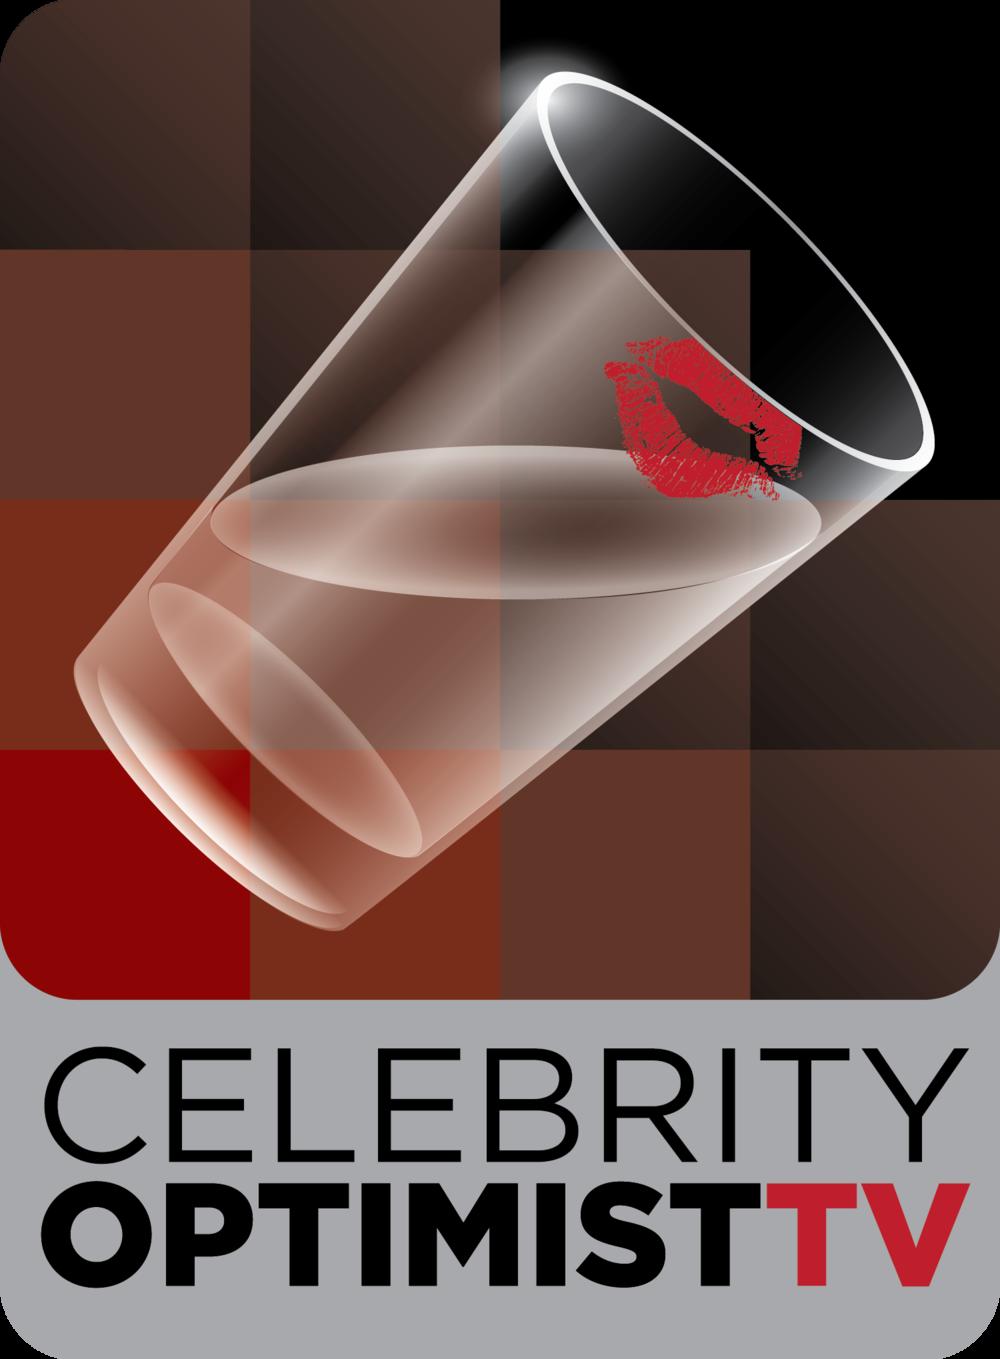 CelebOpt_logo.png